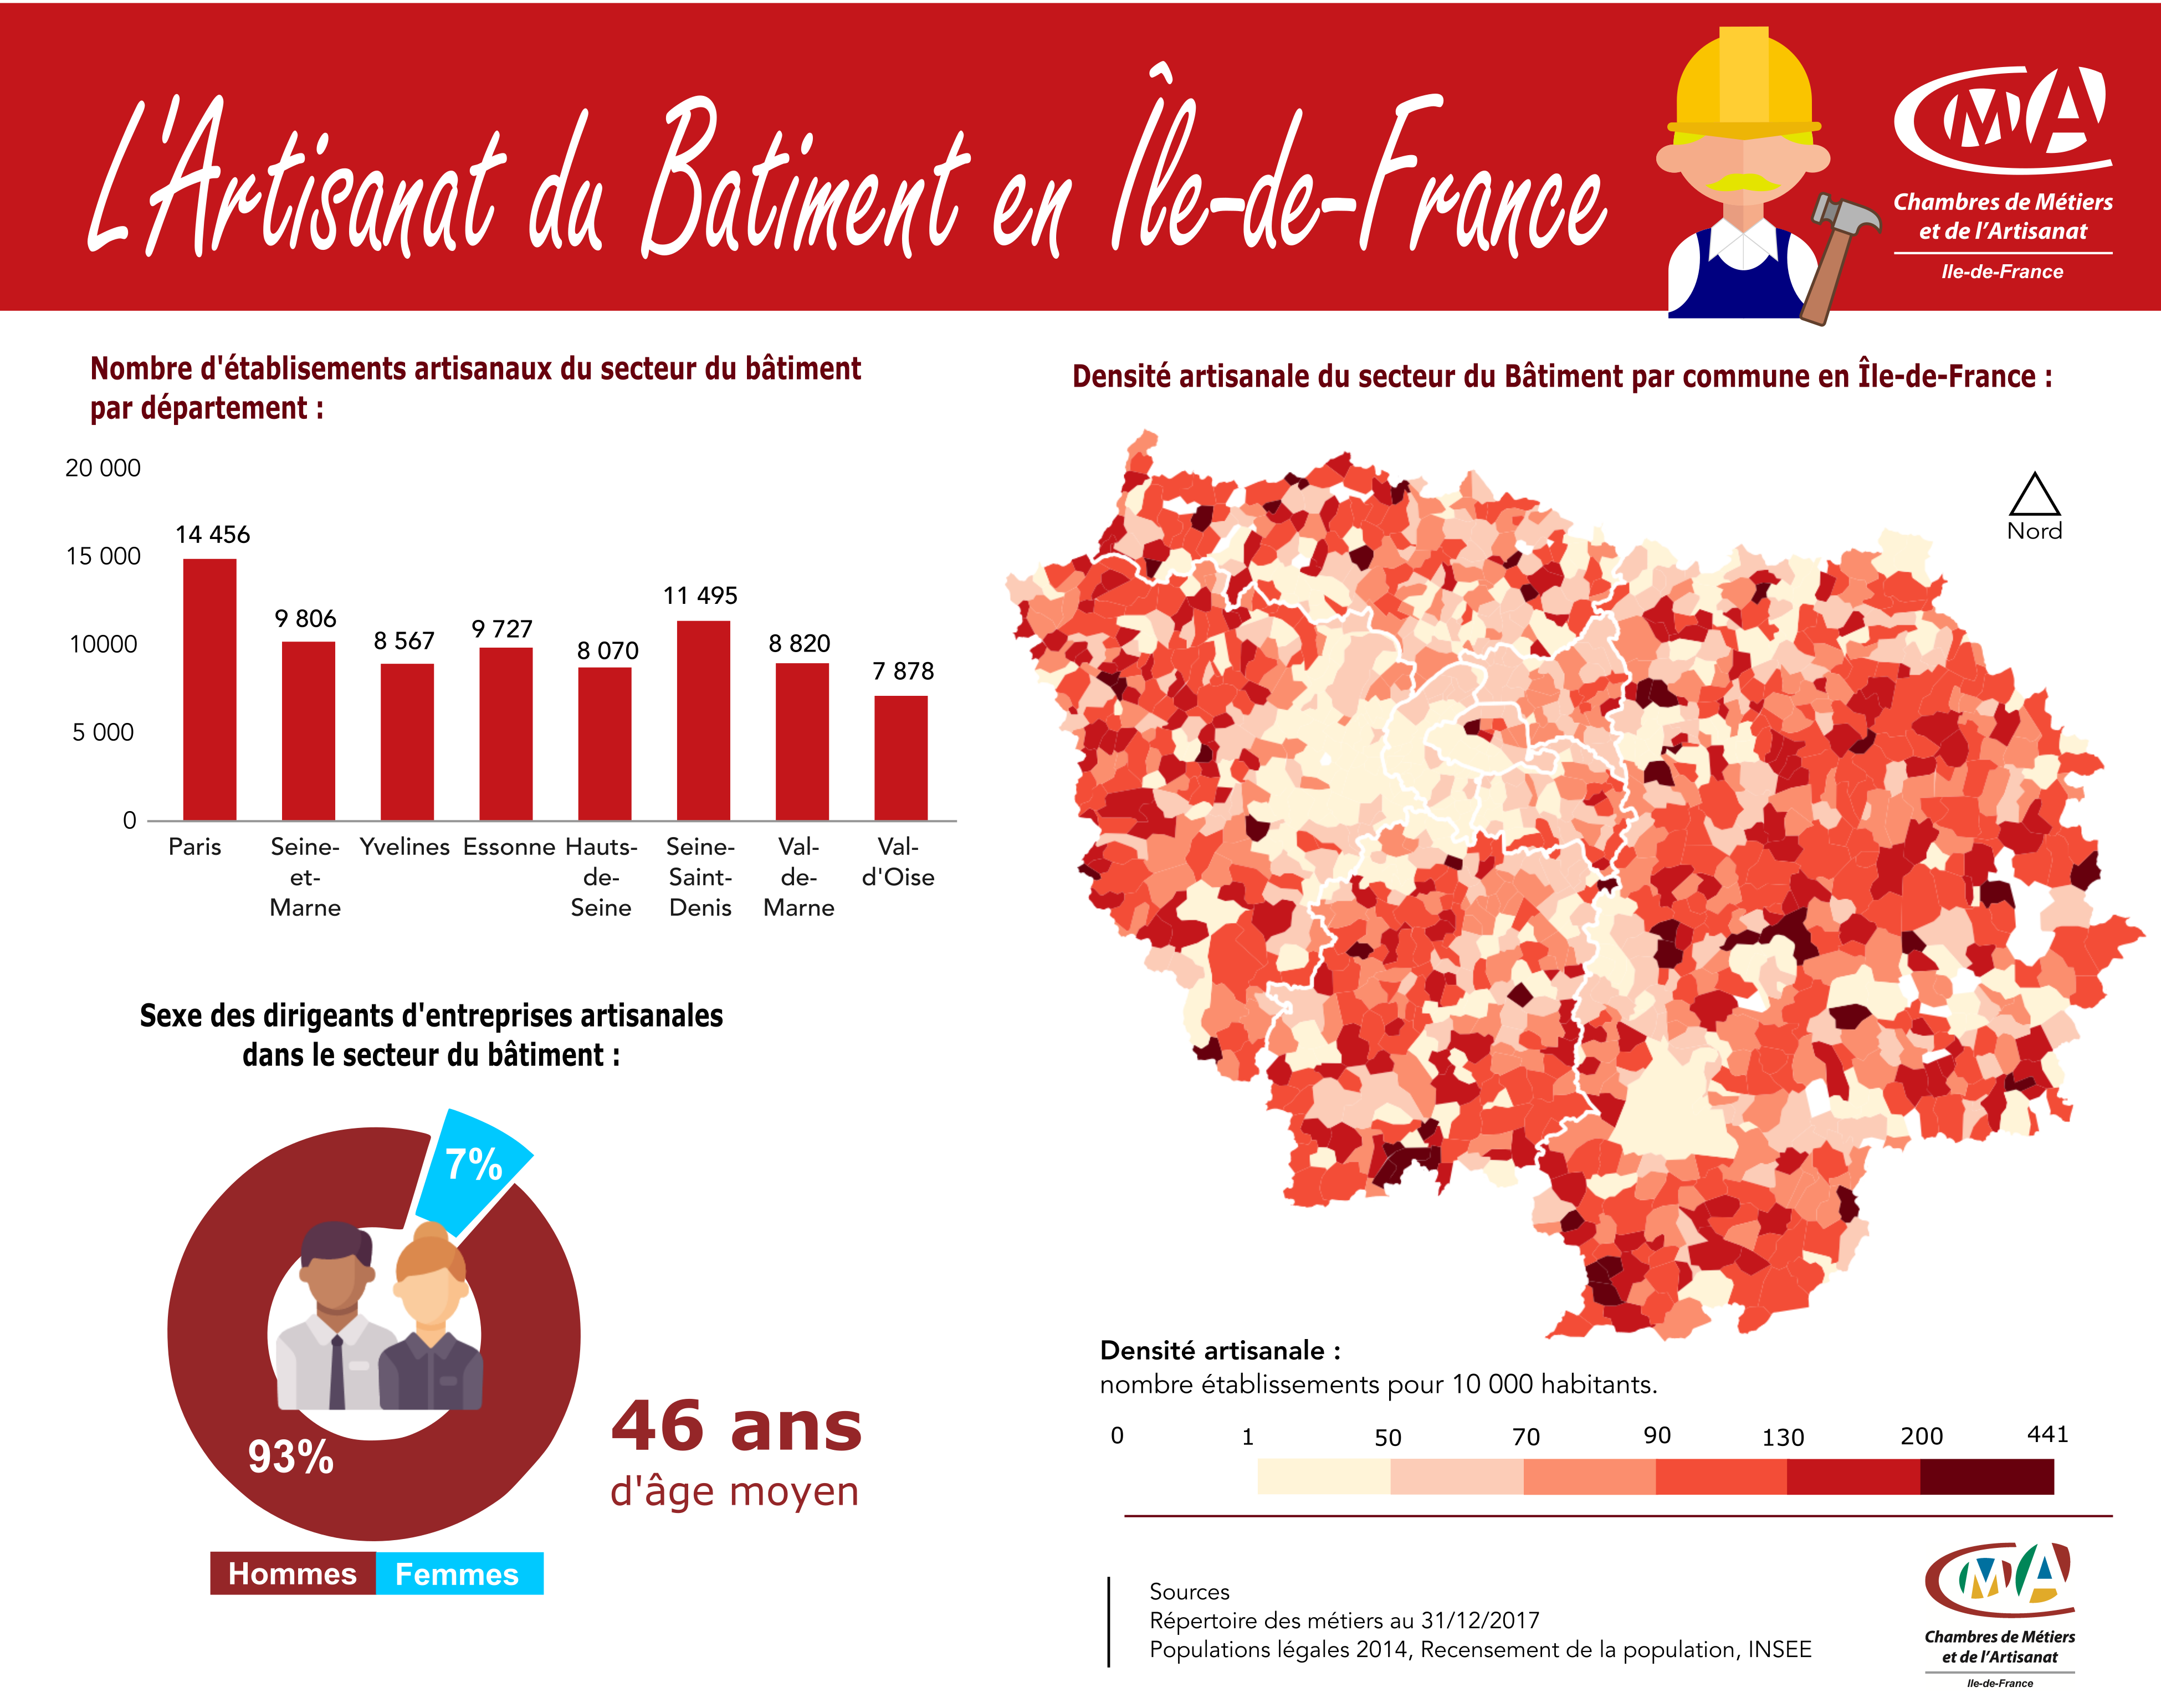 En ligne sur le site de la CRMA Ile-de-France - URL